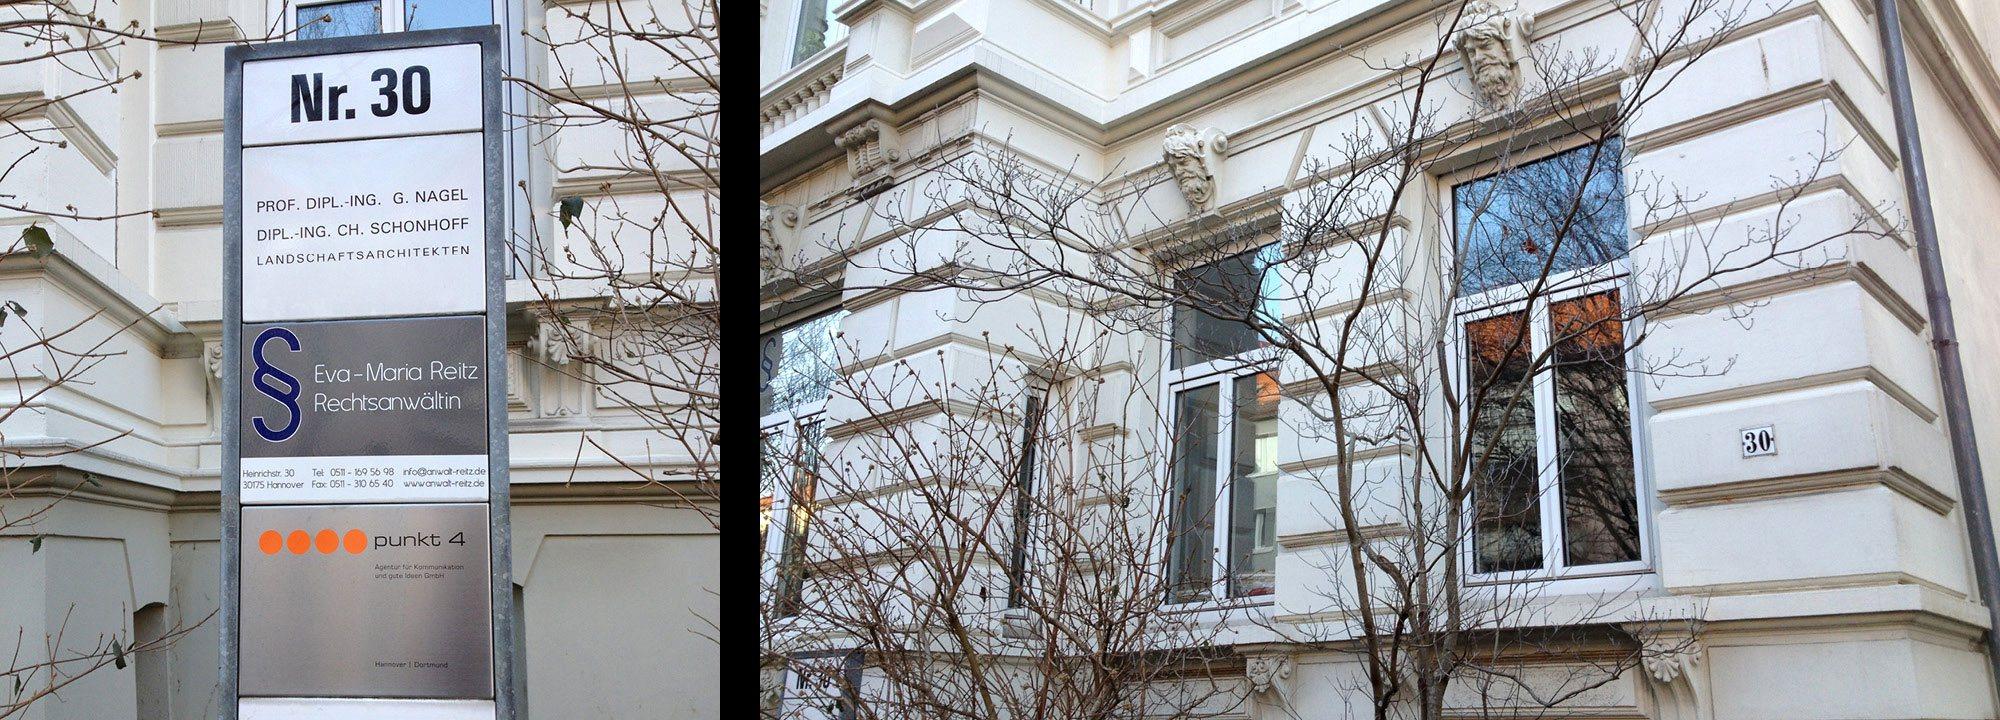 punkt 4 neuer Standort Hannover 2013